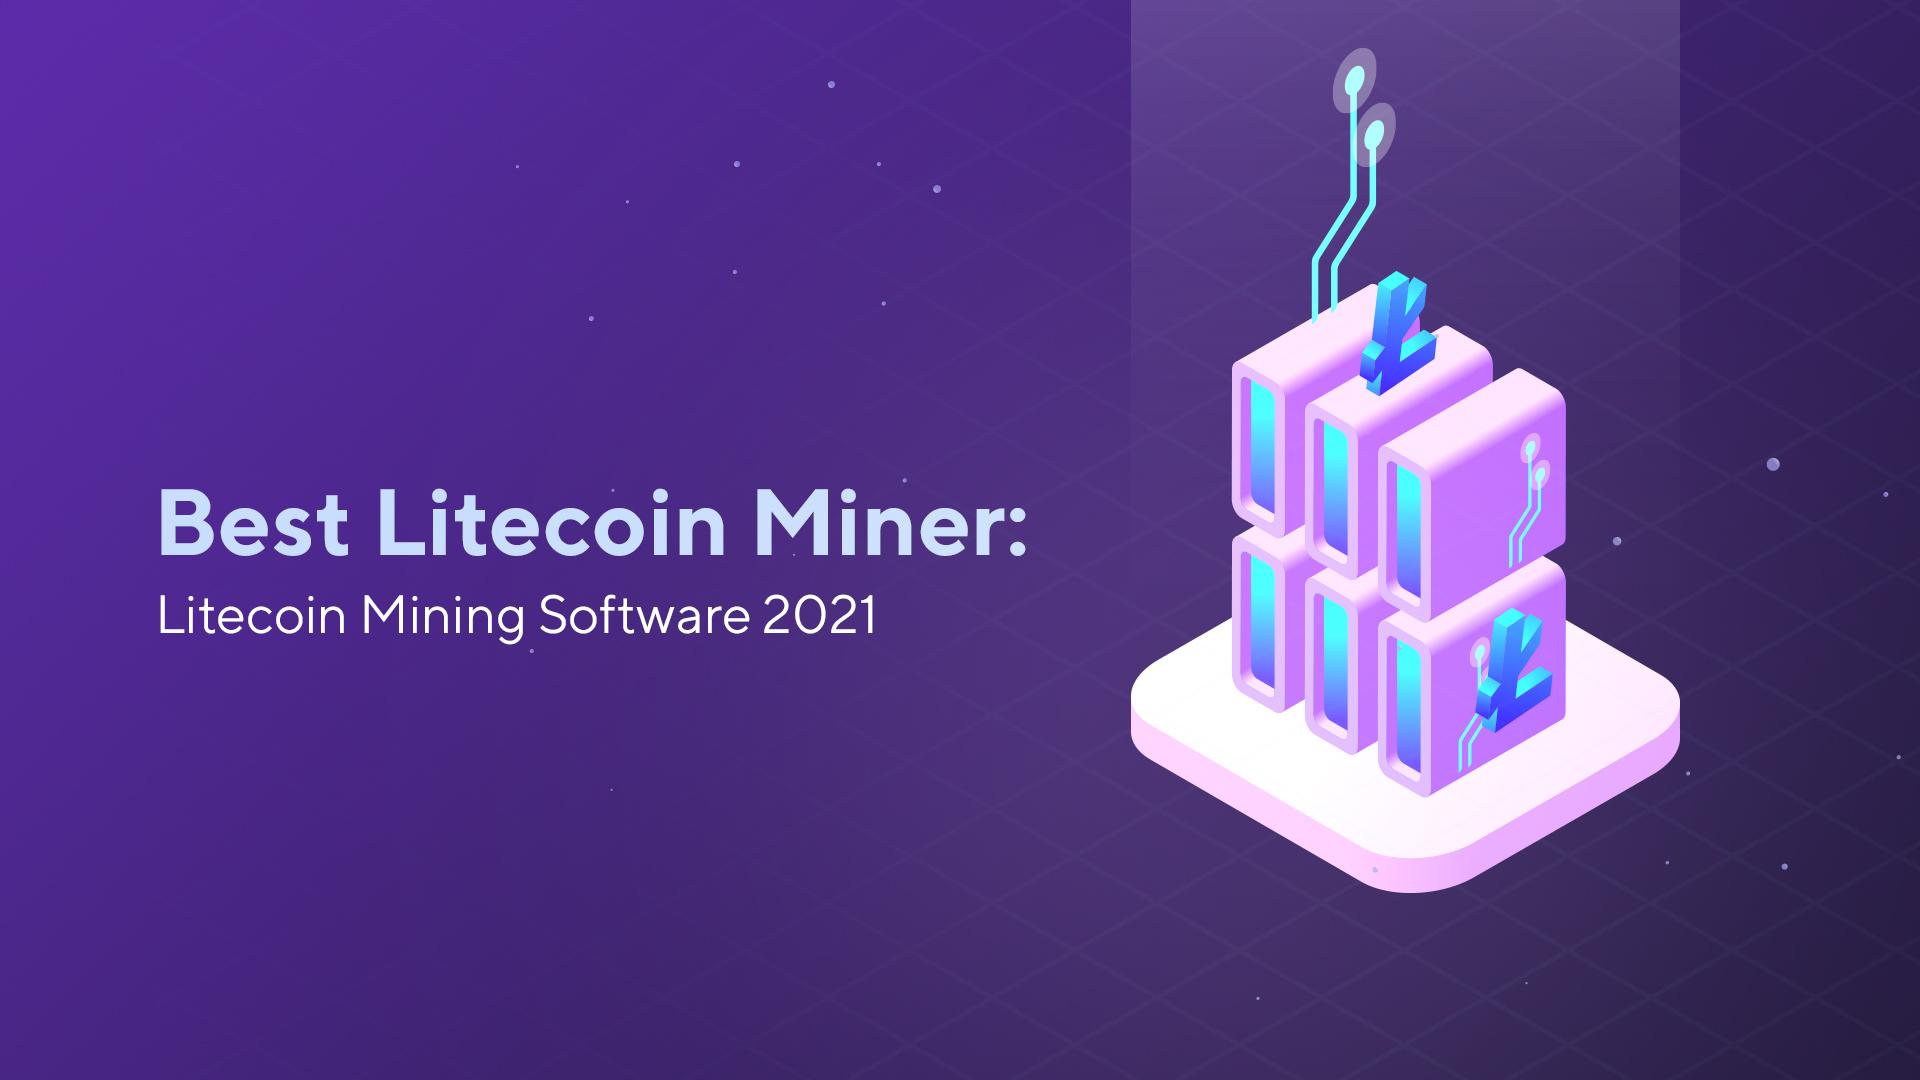 Best Litecoin Miner: Litecoin Mining Software 2021